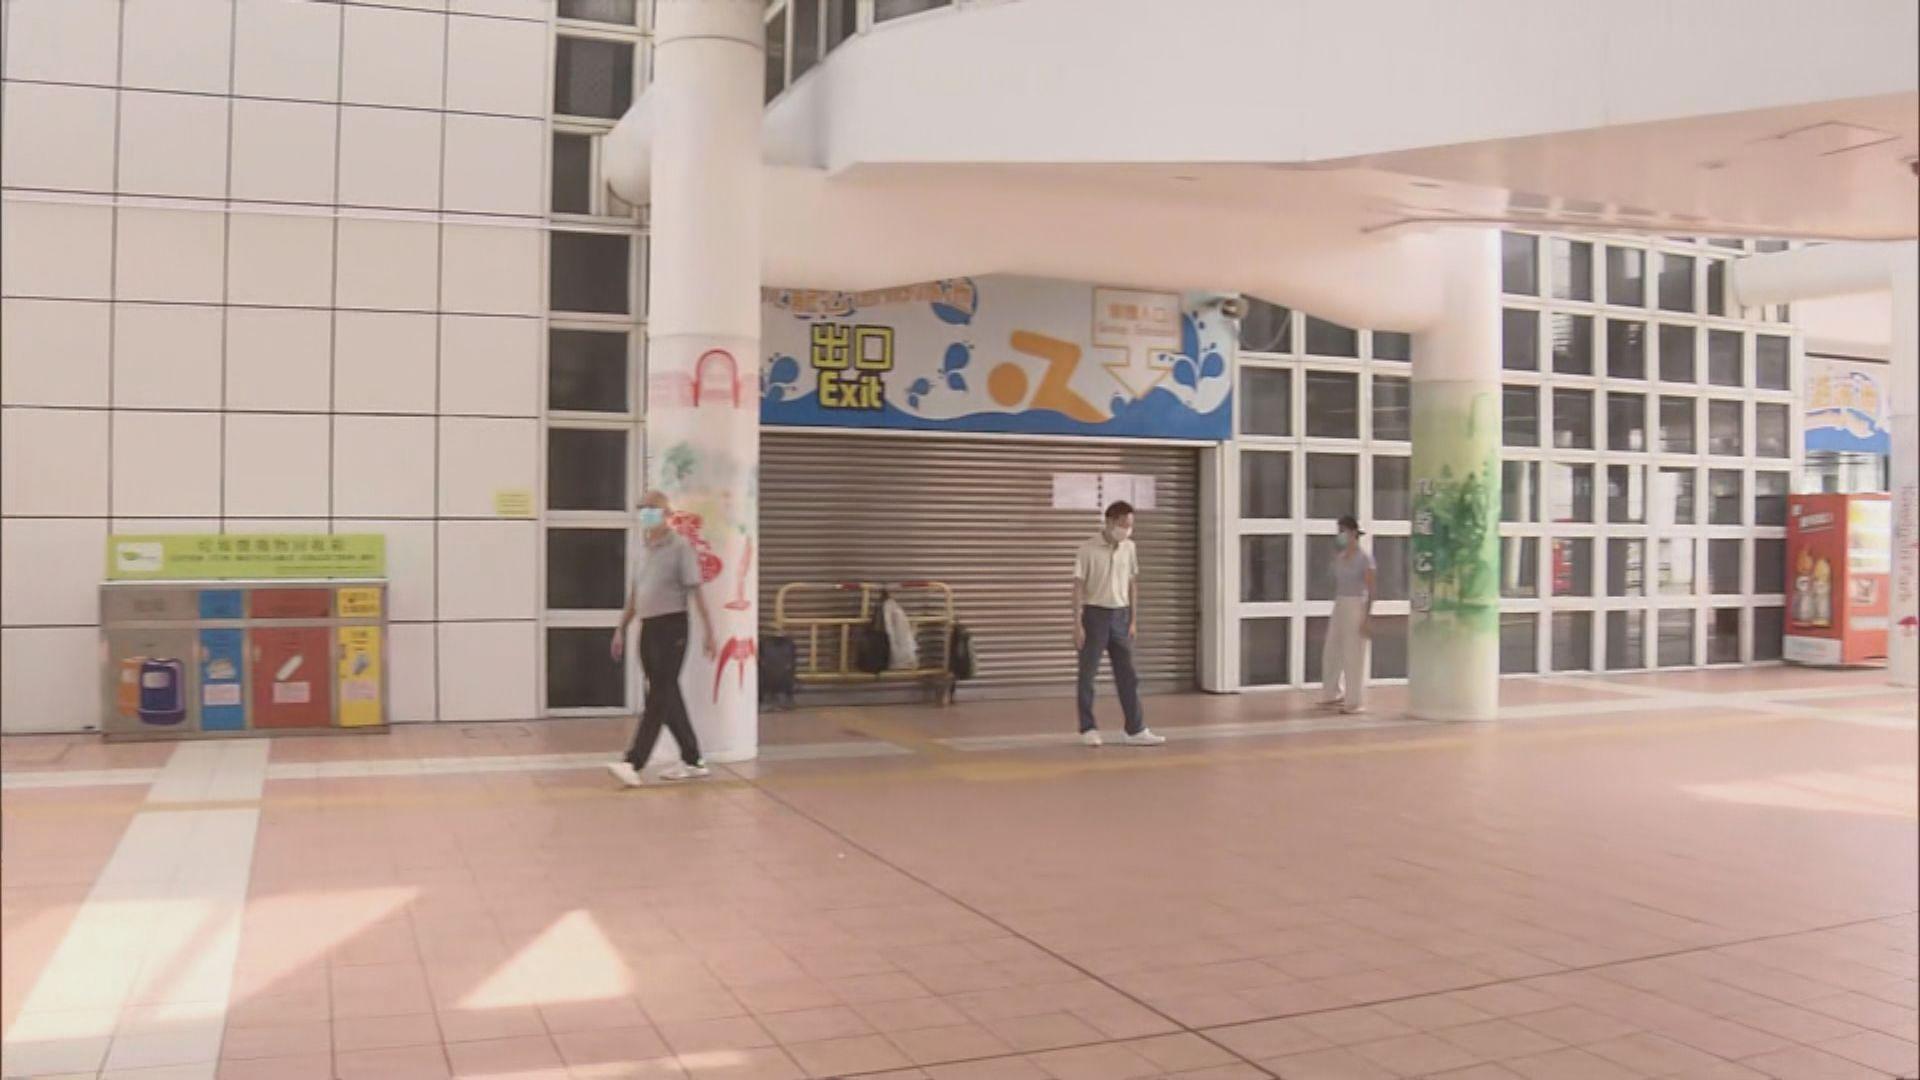 社交距離措施再放寬 康文署轄下室內體育館仍關閉